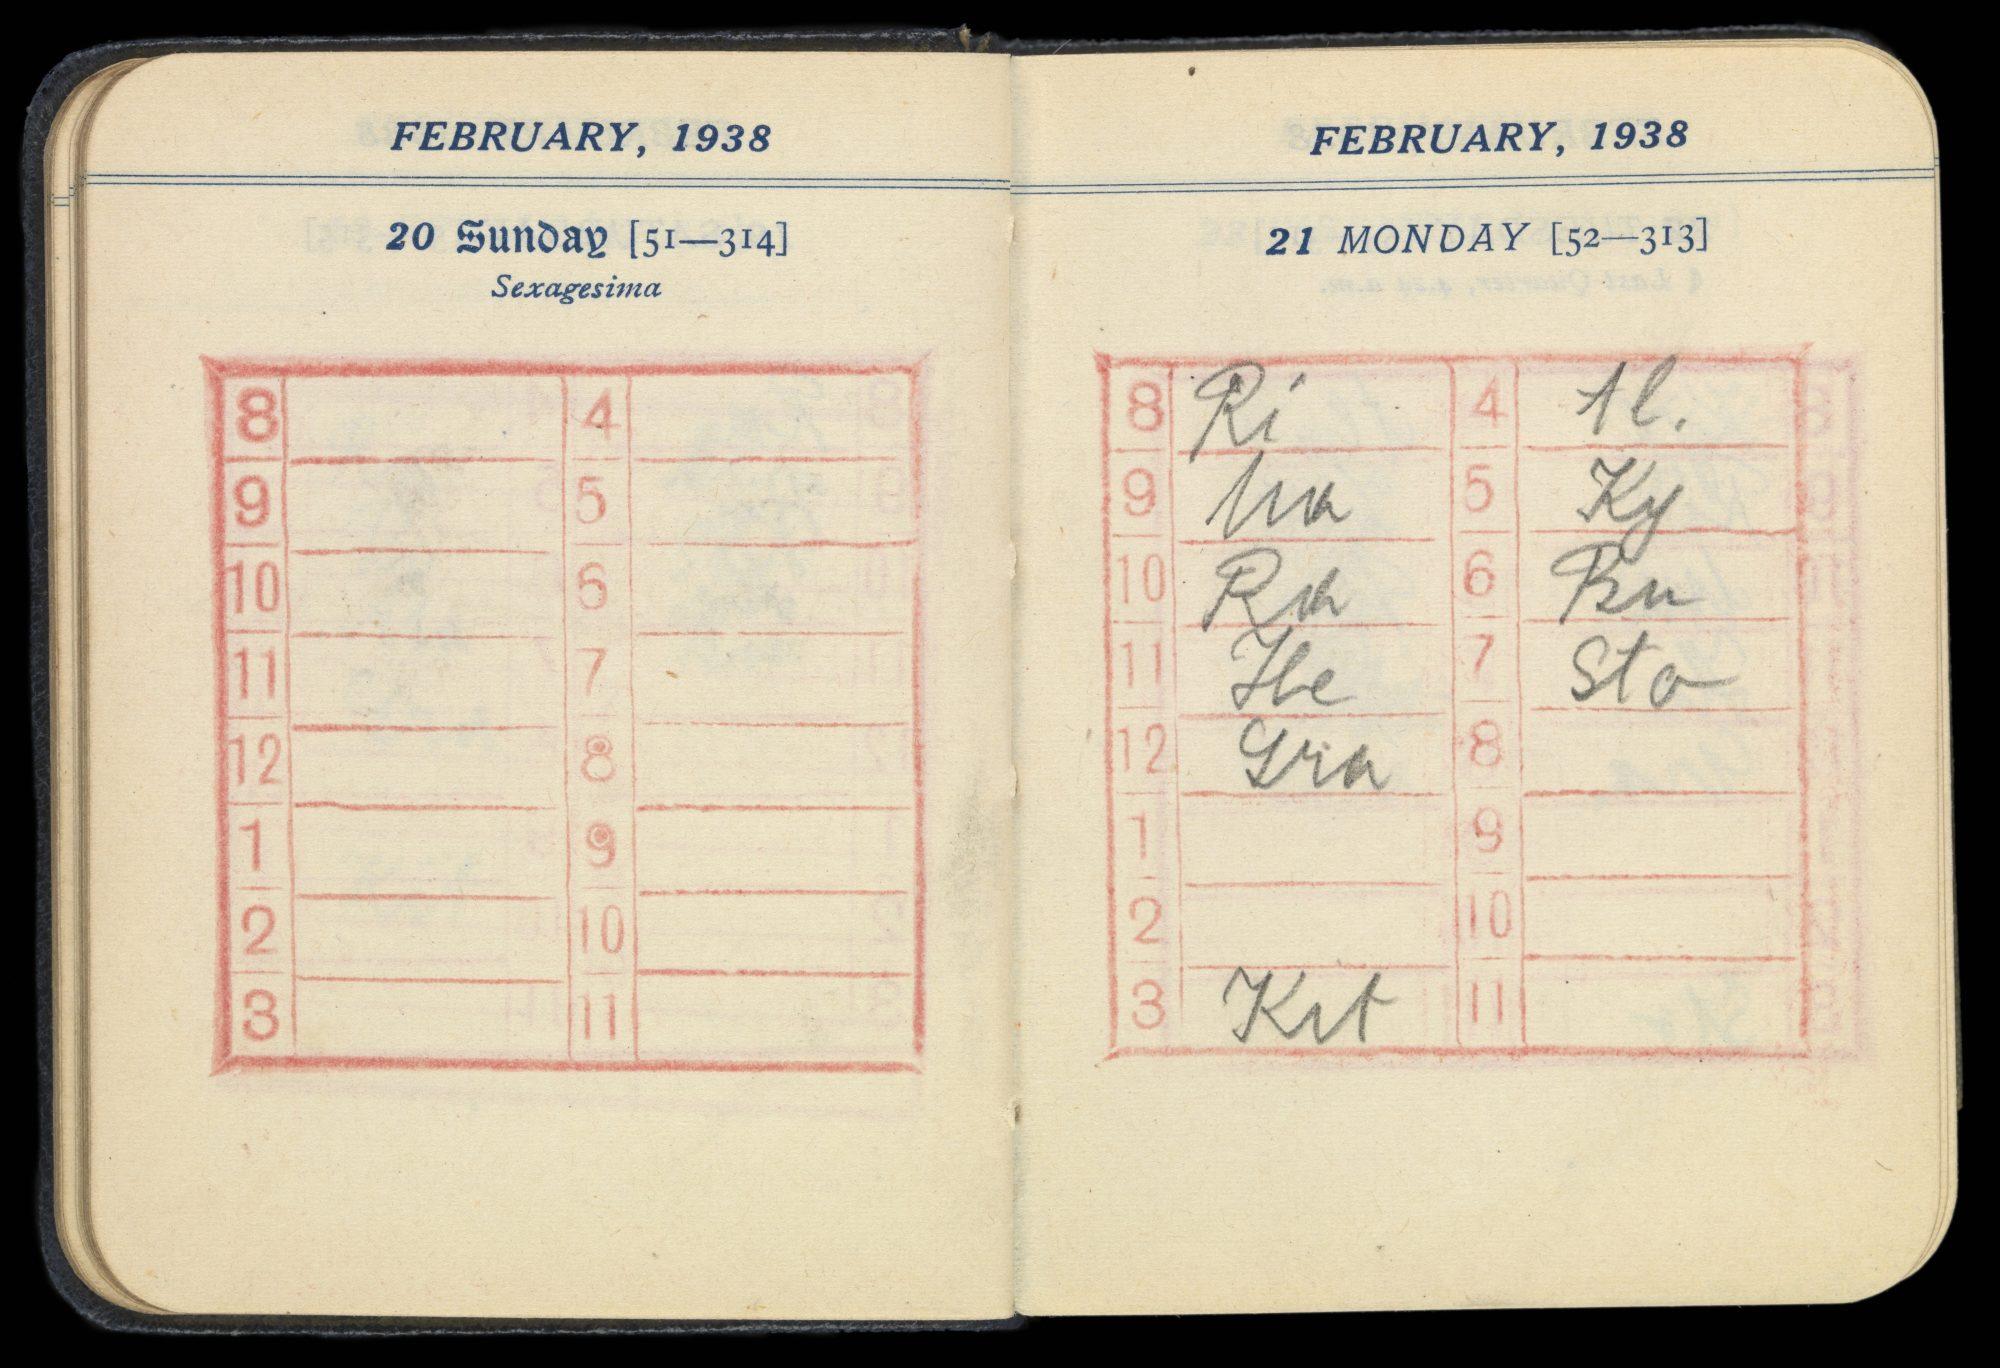 Agenda de Melanie Klein, ouvert aux pages des 20 et 21 février 1938, avec dix séances d'analyse notées à la date du 21